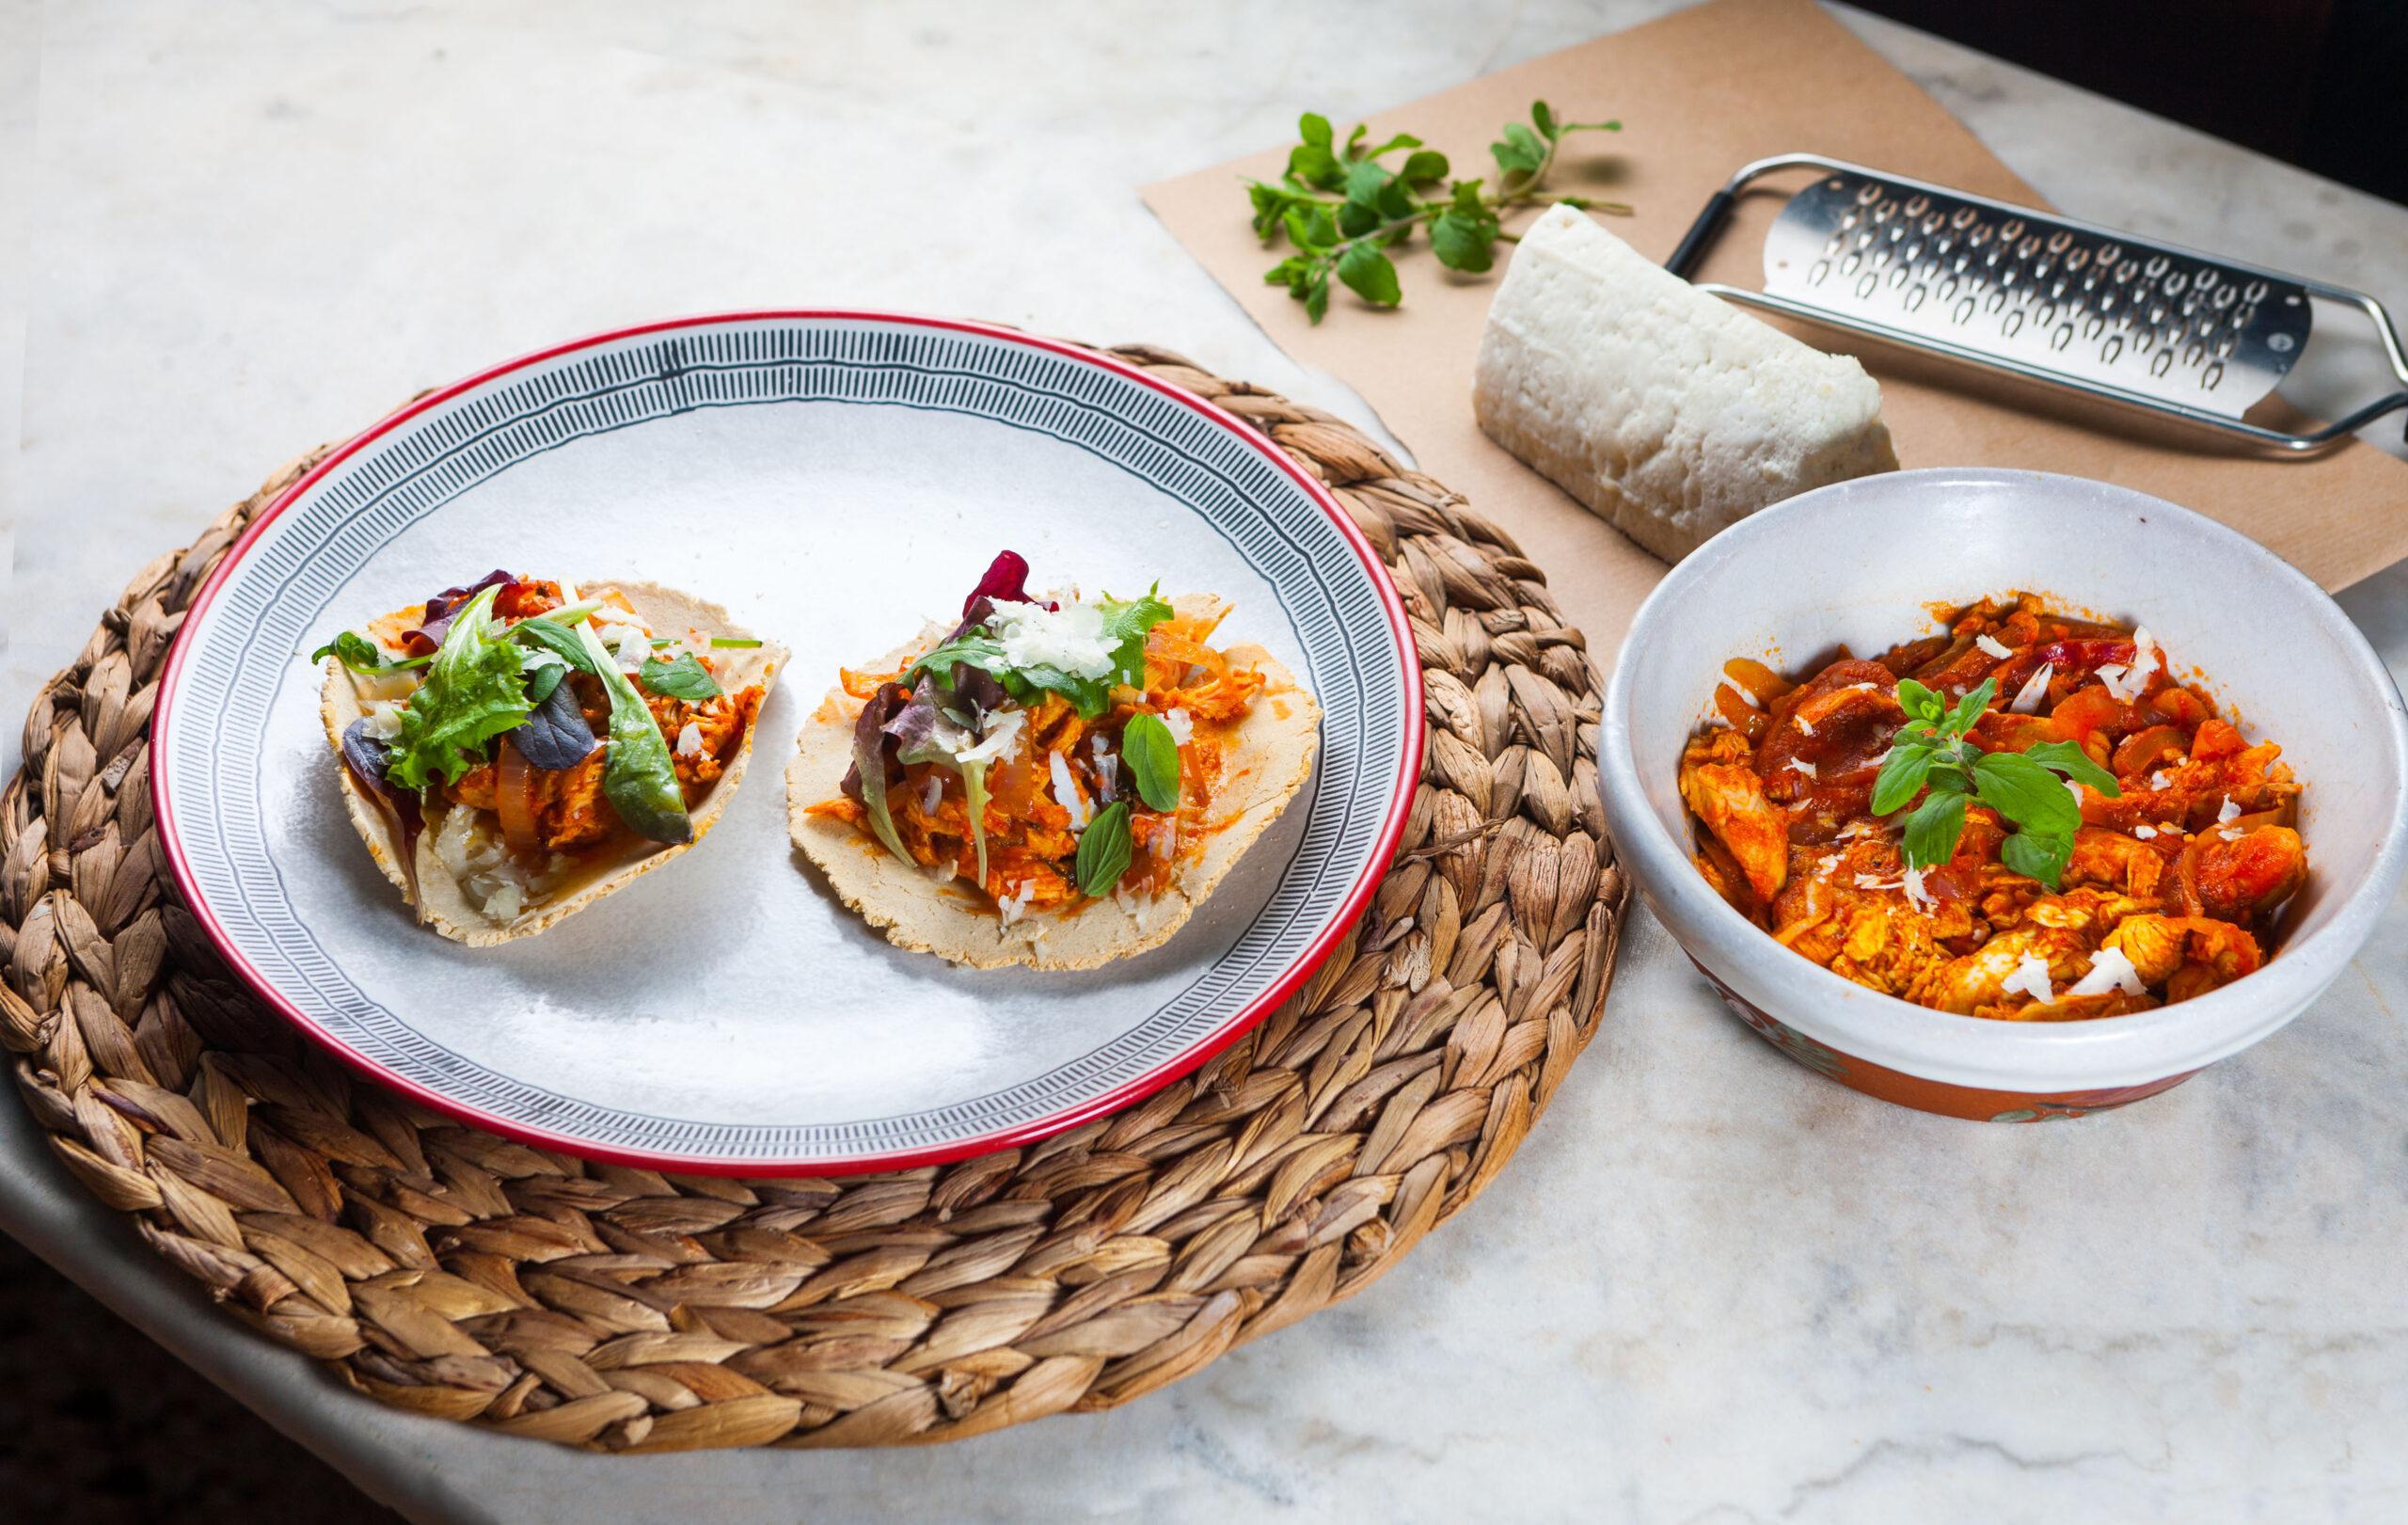 Τοστάδας με κοτόπουλο tinga σε καπνιστή σάλτσα ντομάτας και ξηρό ανθότυρο